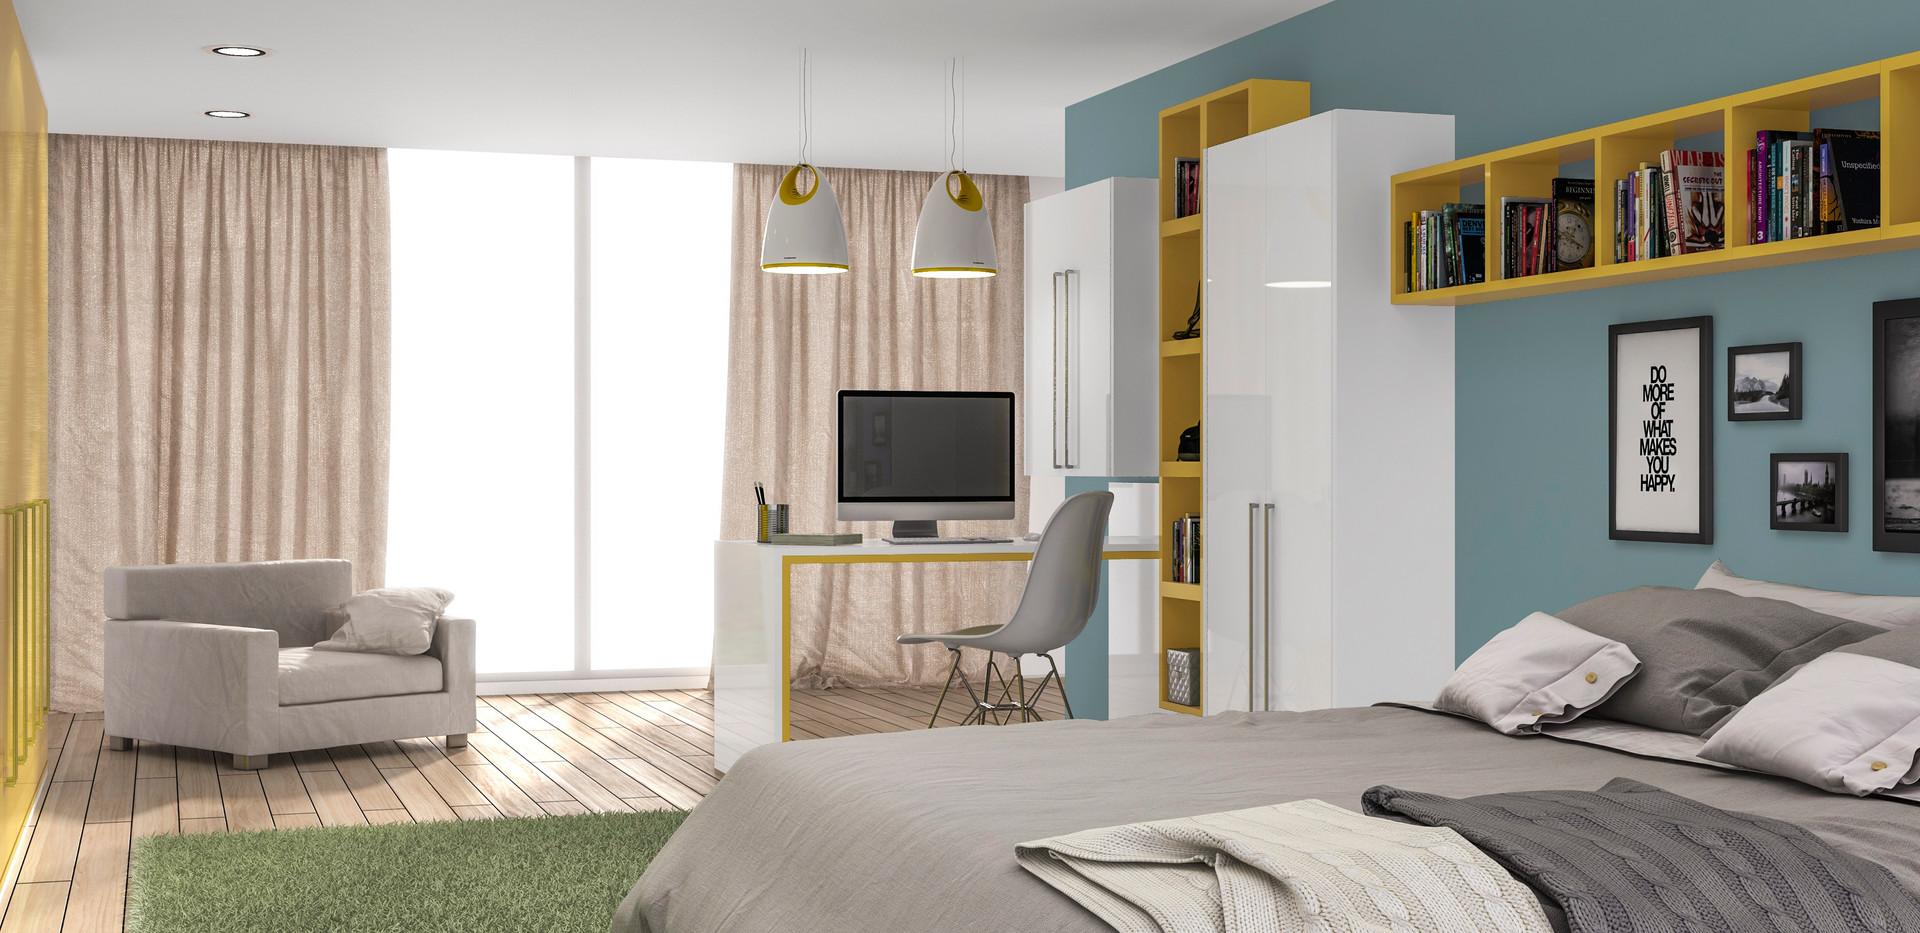 DOR19_dormitorio_quarto_guarda_roupa_móv